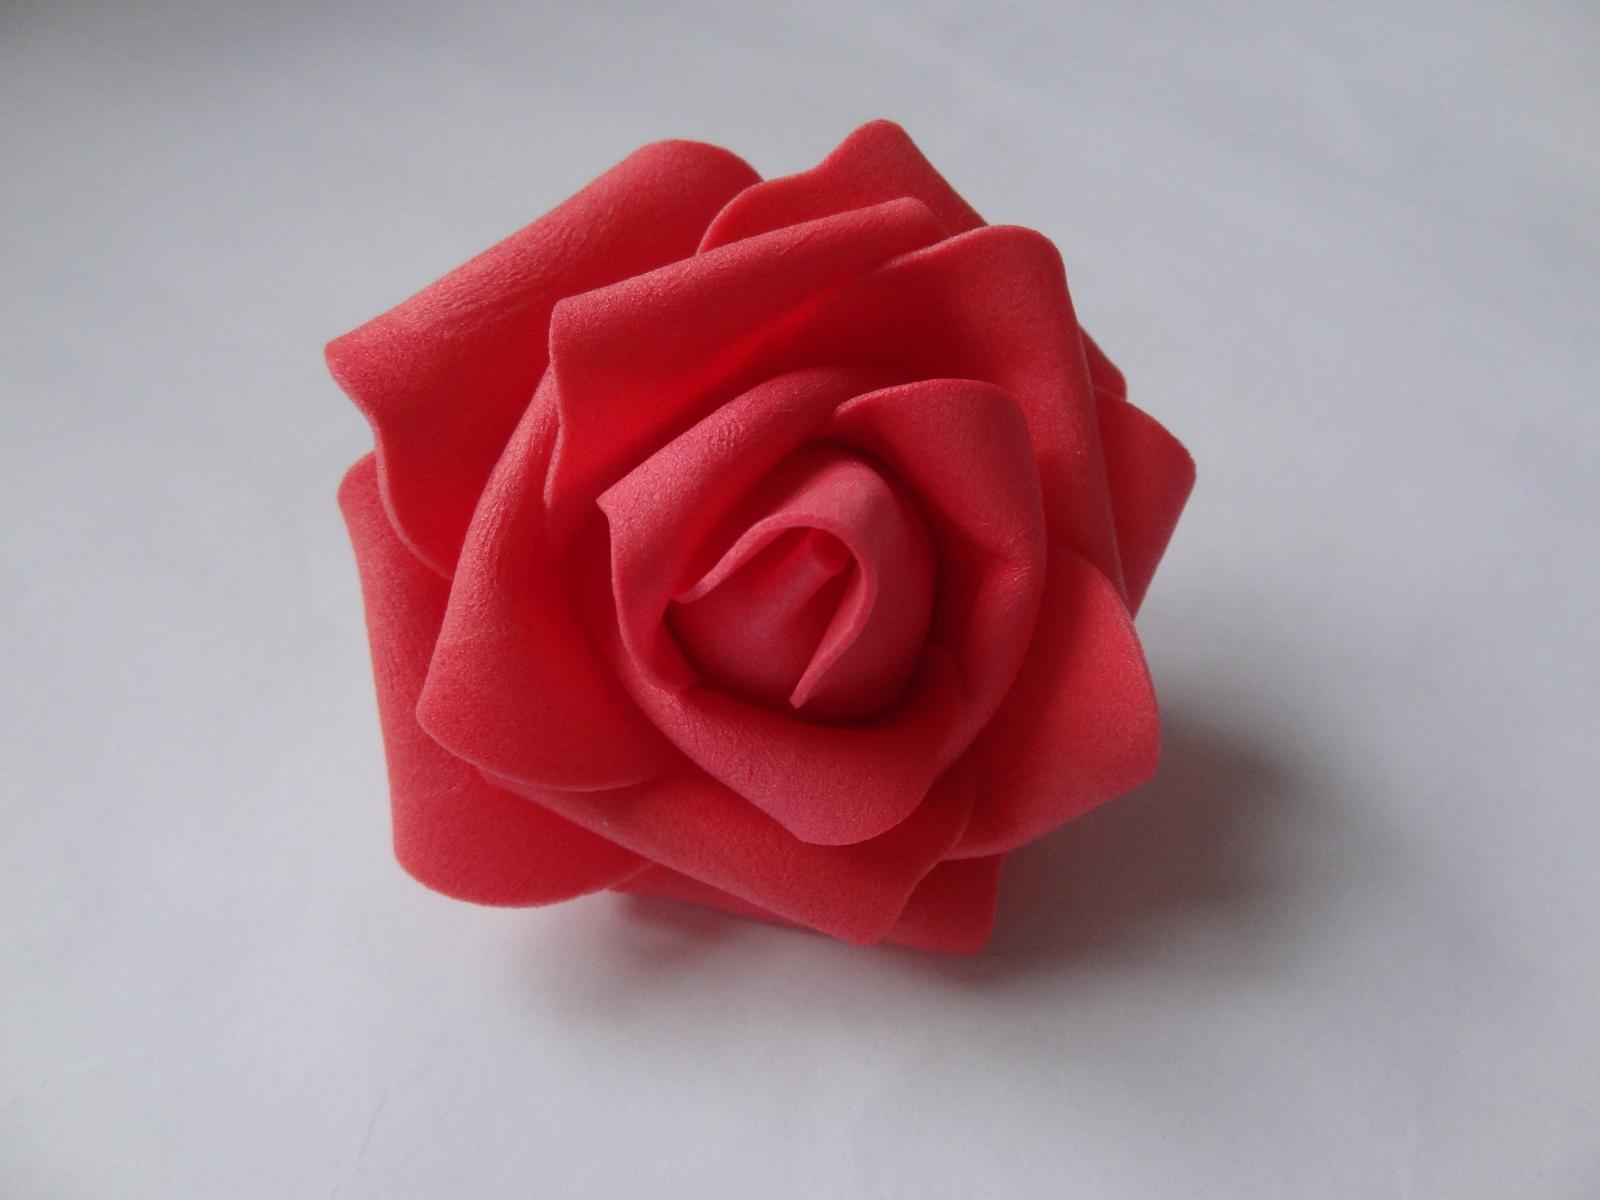 Pěnové růže 6cm - Obrázek č. 1